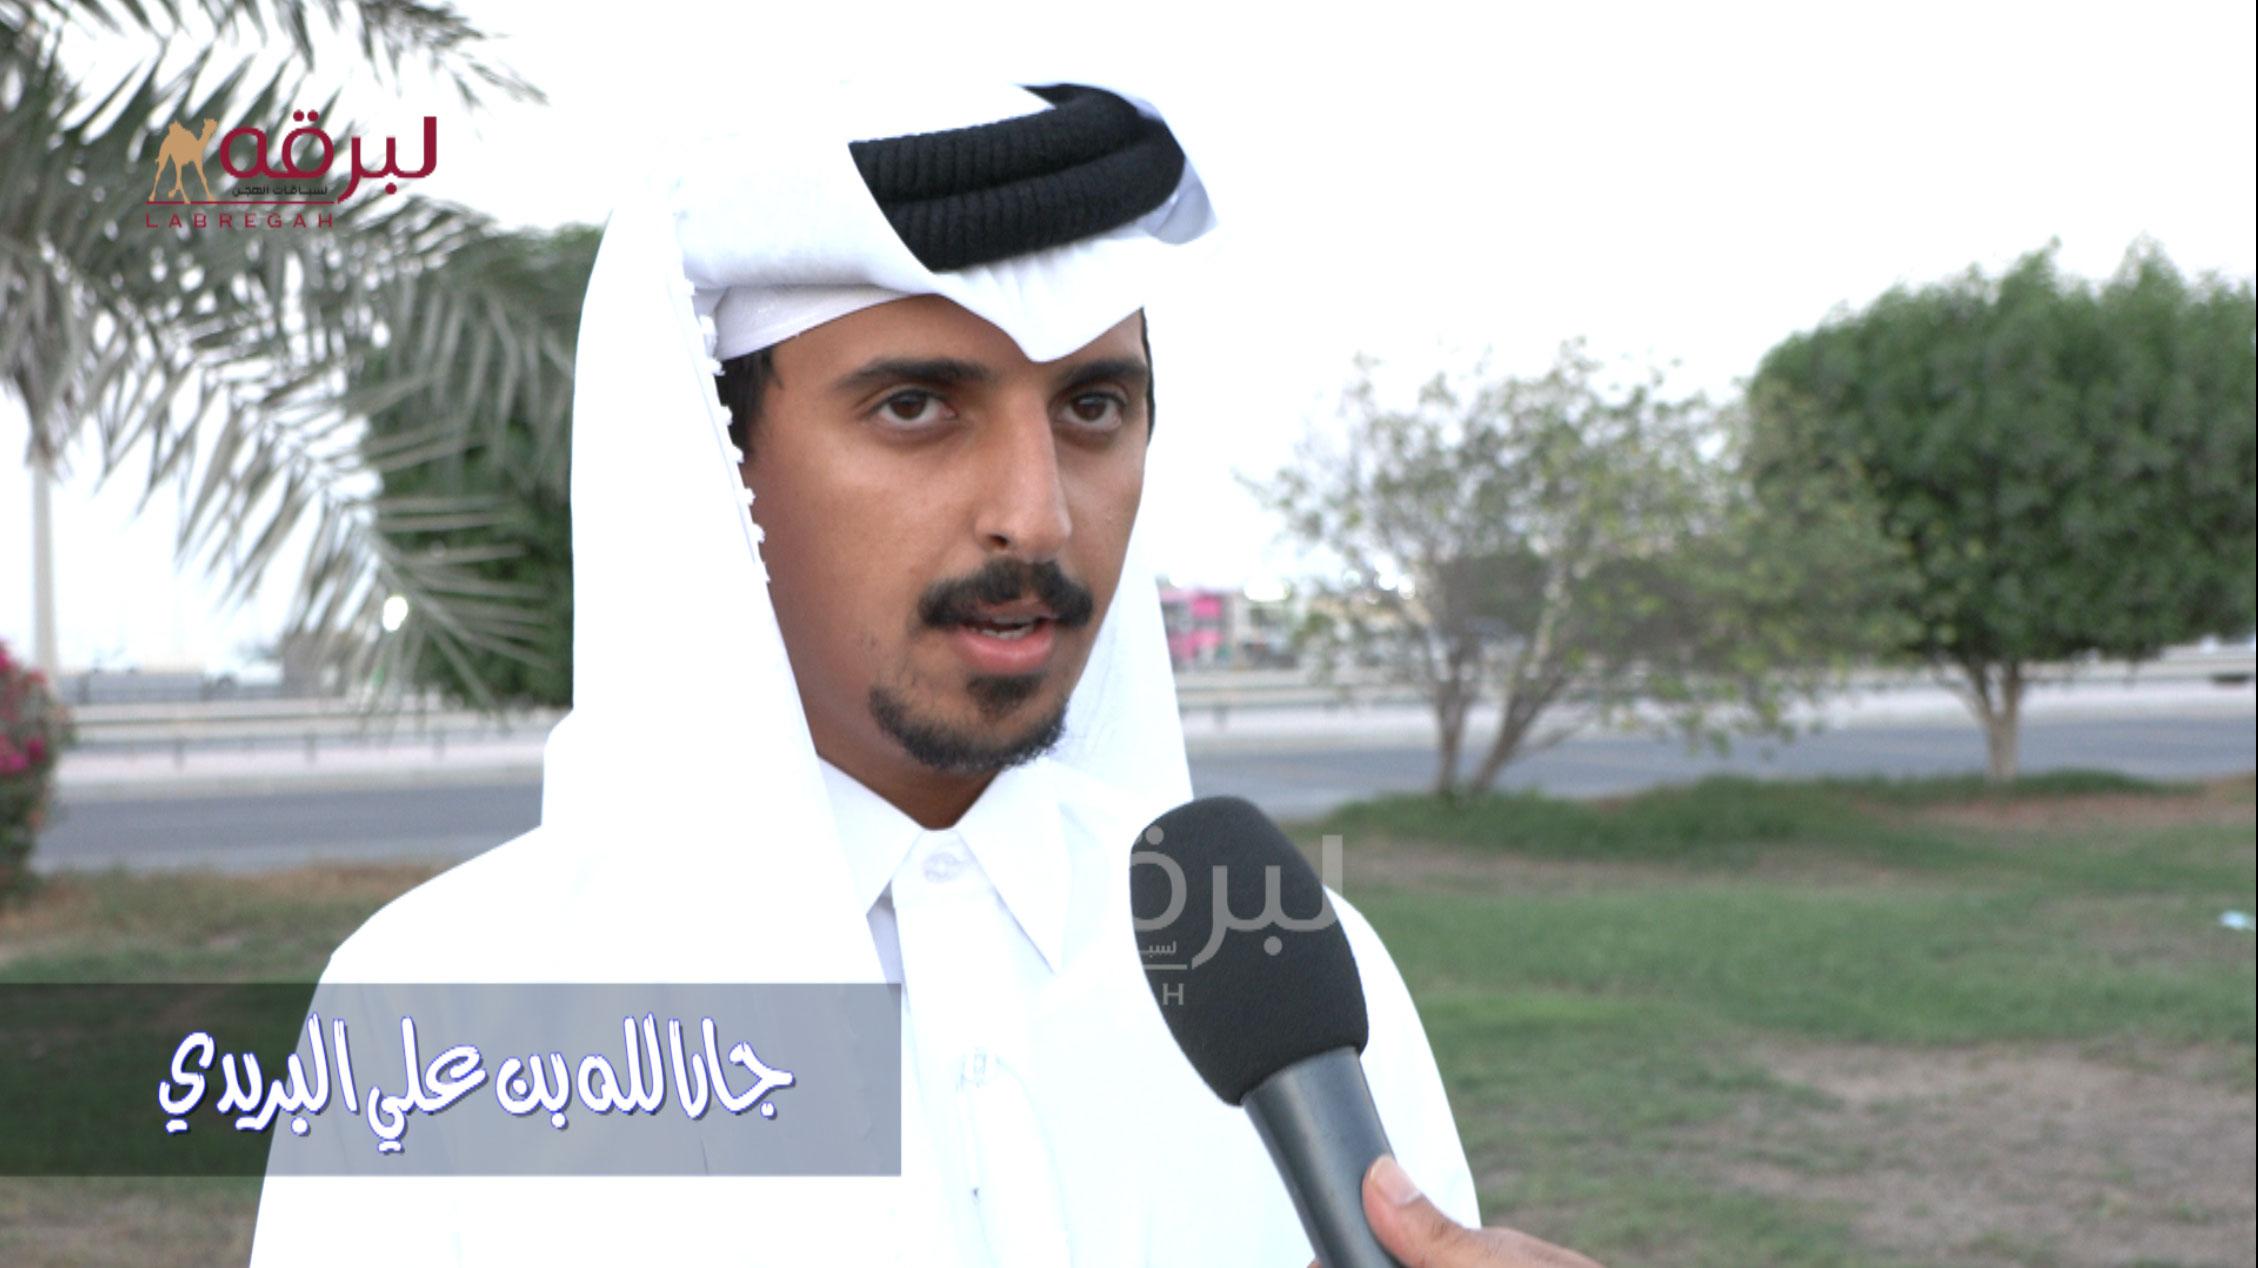 لقاء مع جارالله بن علي البريدي.. الشوط الرئيسي للقايا قعدان (مفتوح) الأشواط العامة  ٨-١٠-٢٠٢١